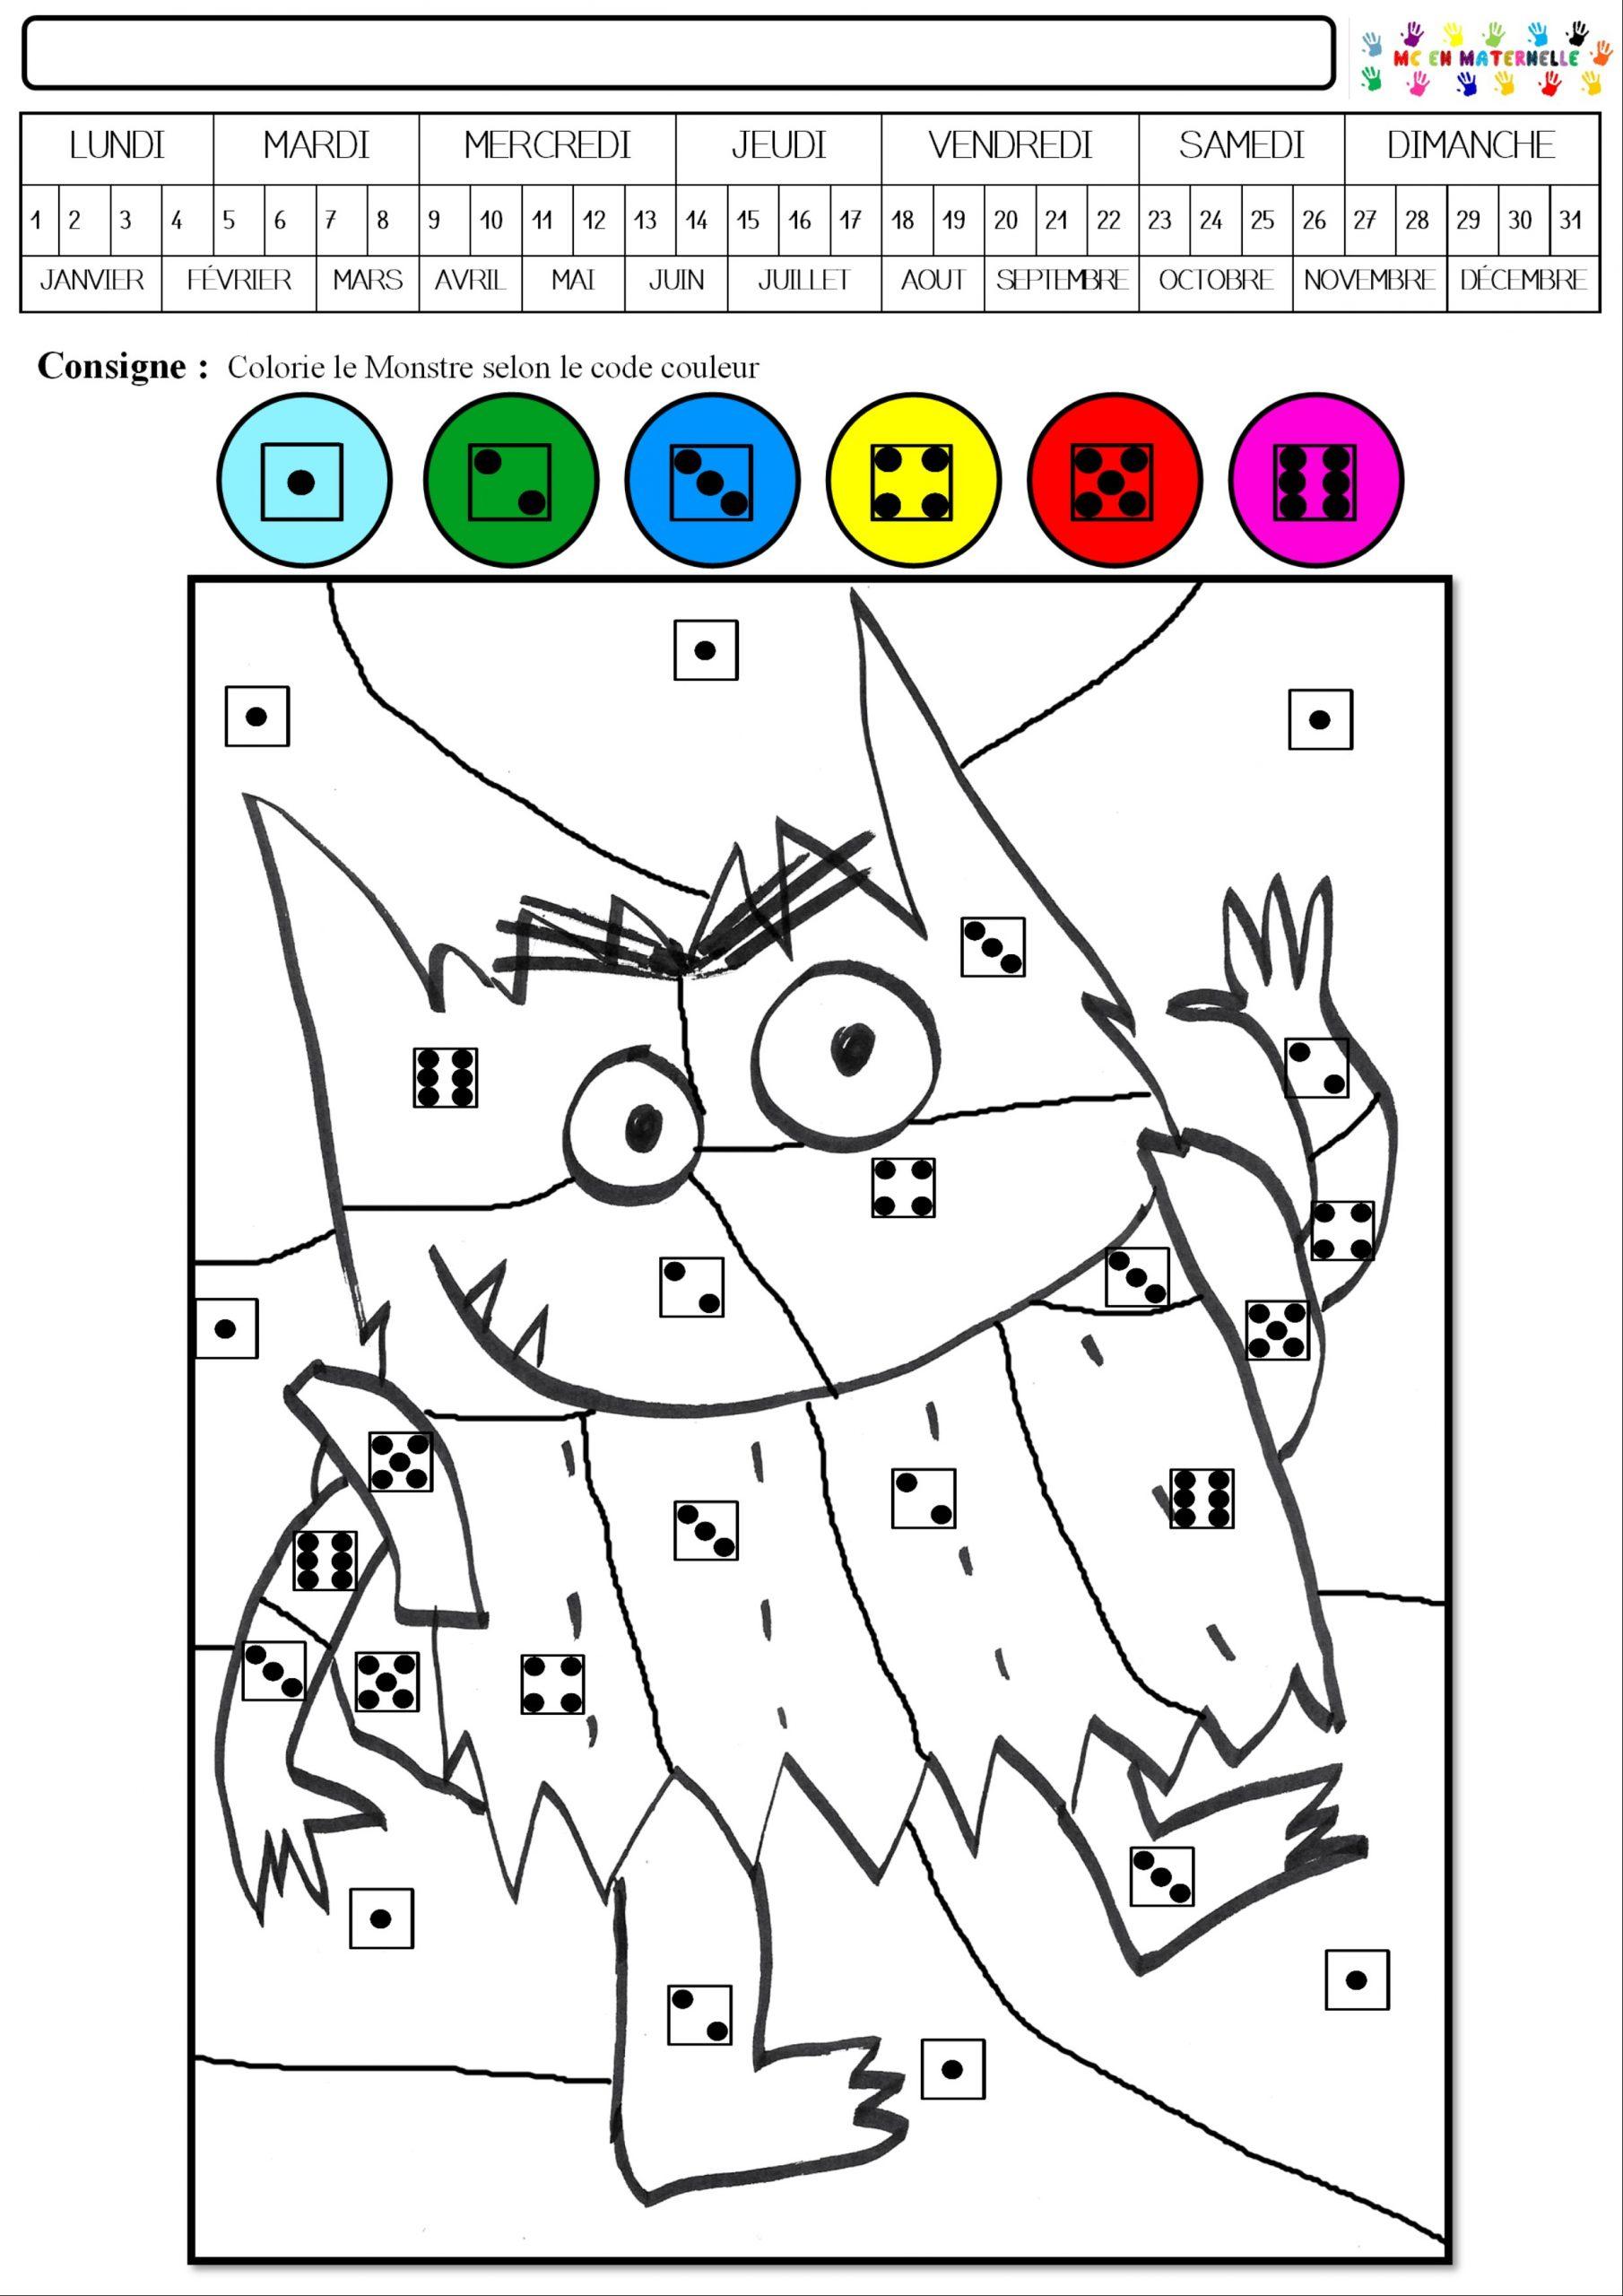 Le Monstre Des Couleurs Va À L'école : Coloriage Magique concernant Coloriage Codé Maternelle